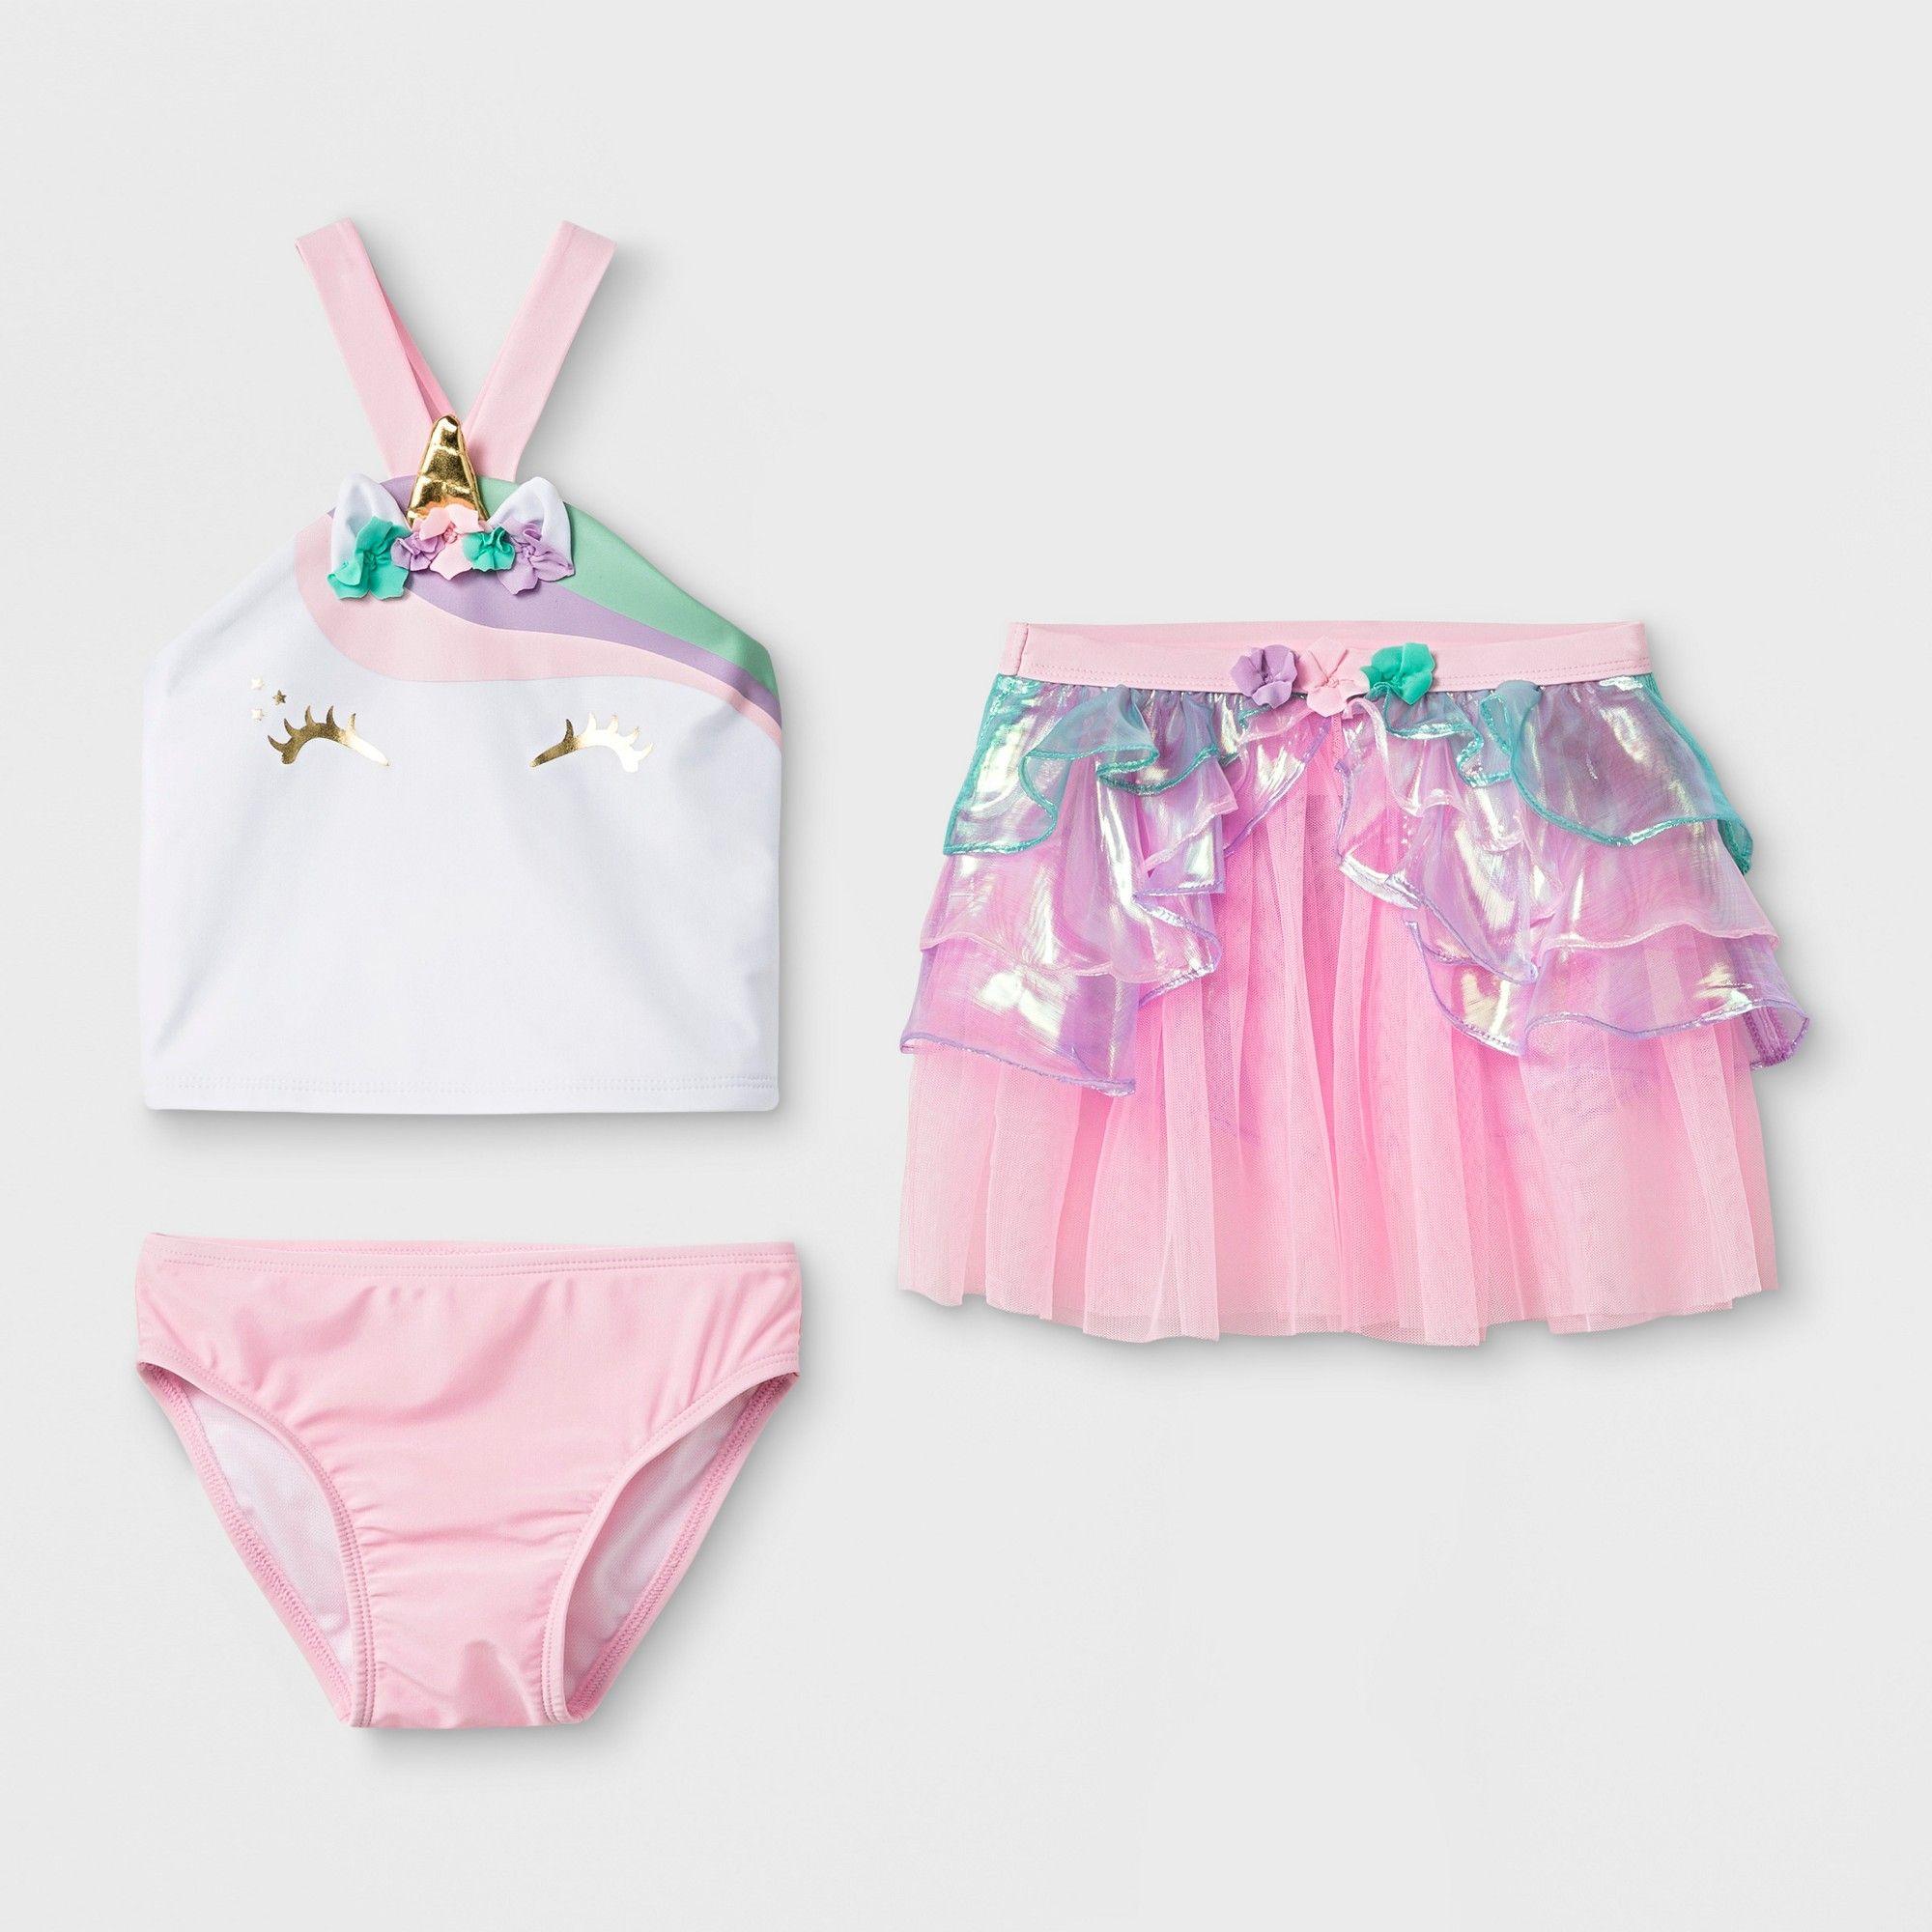 0c5165f5e Toddler Girls' 3pc Unicorn Tankini Set - Cat & Jack Pink 4T ...